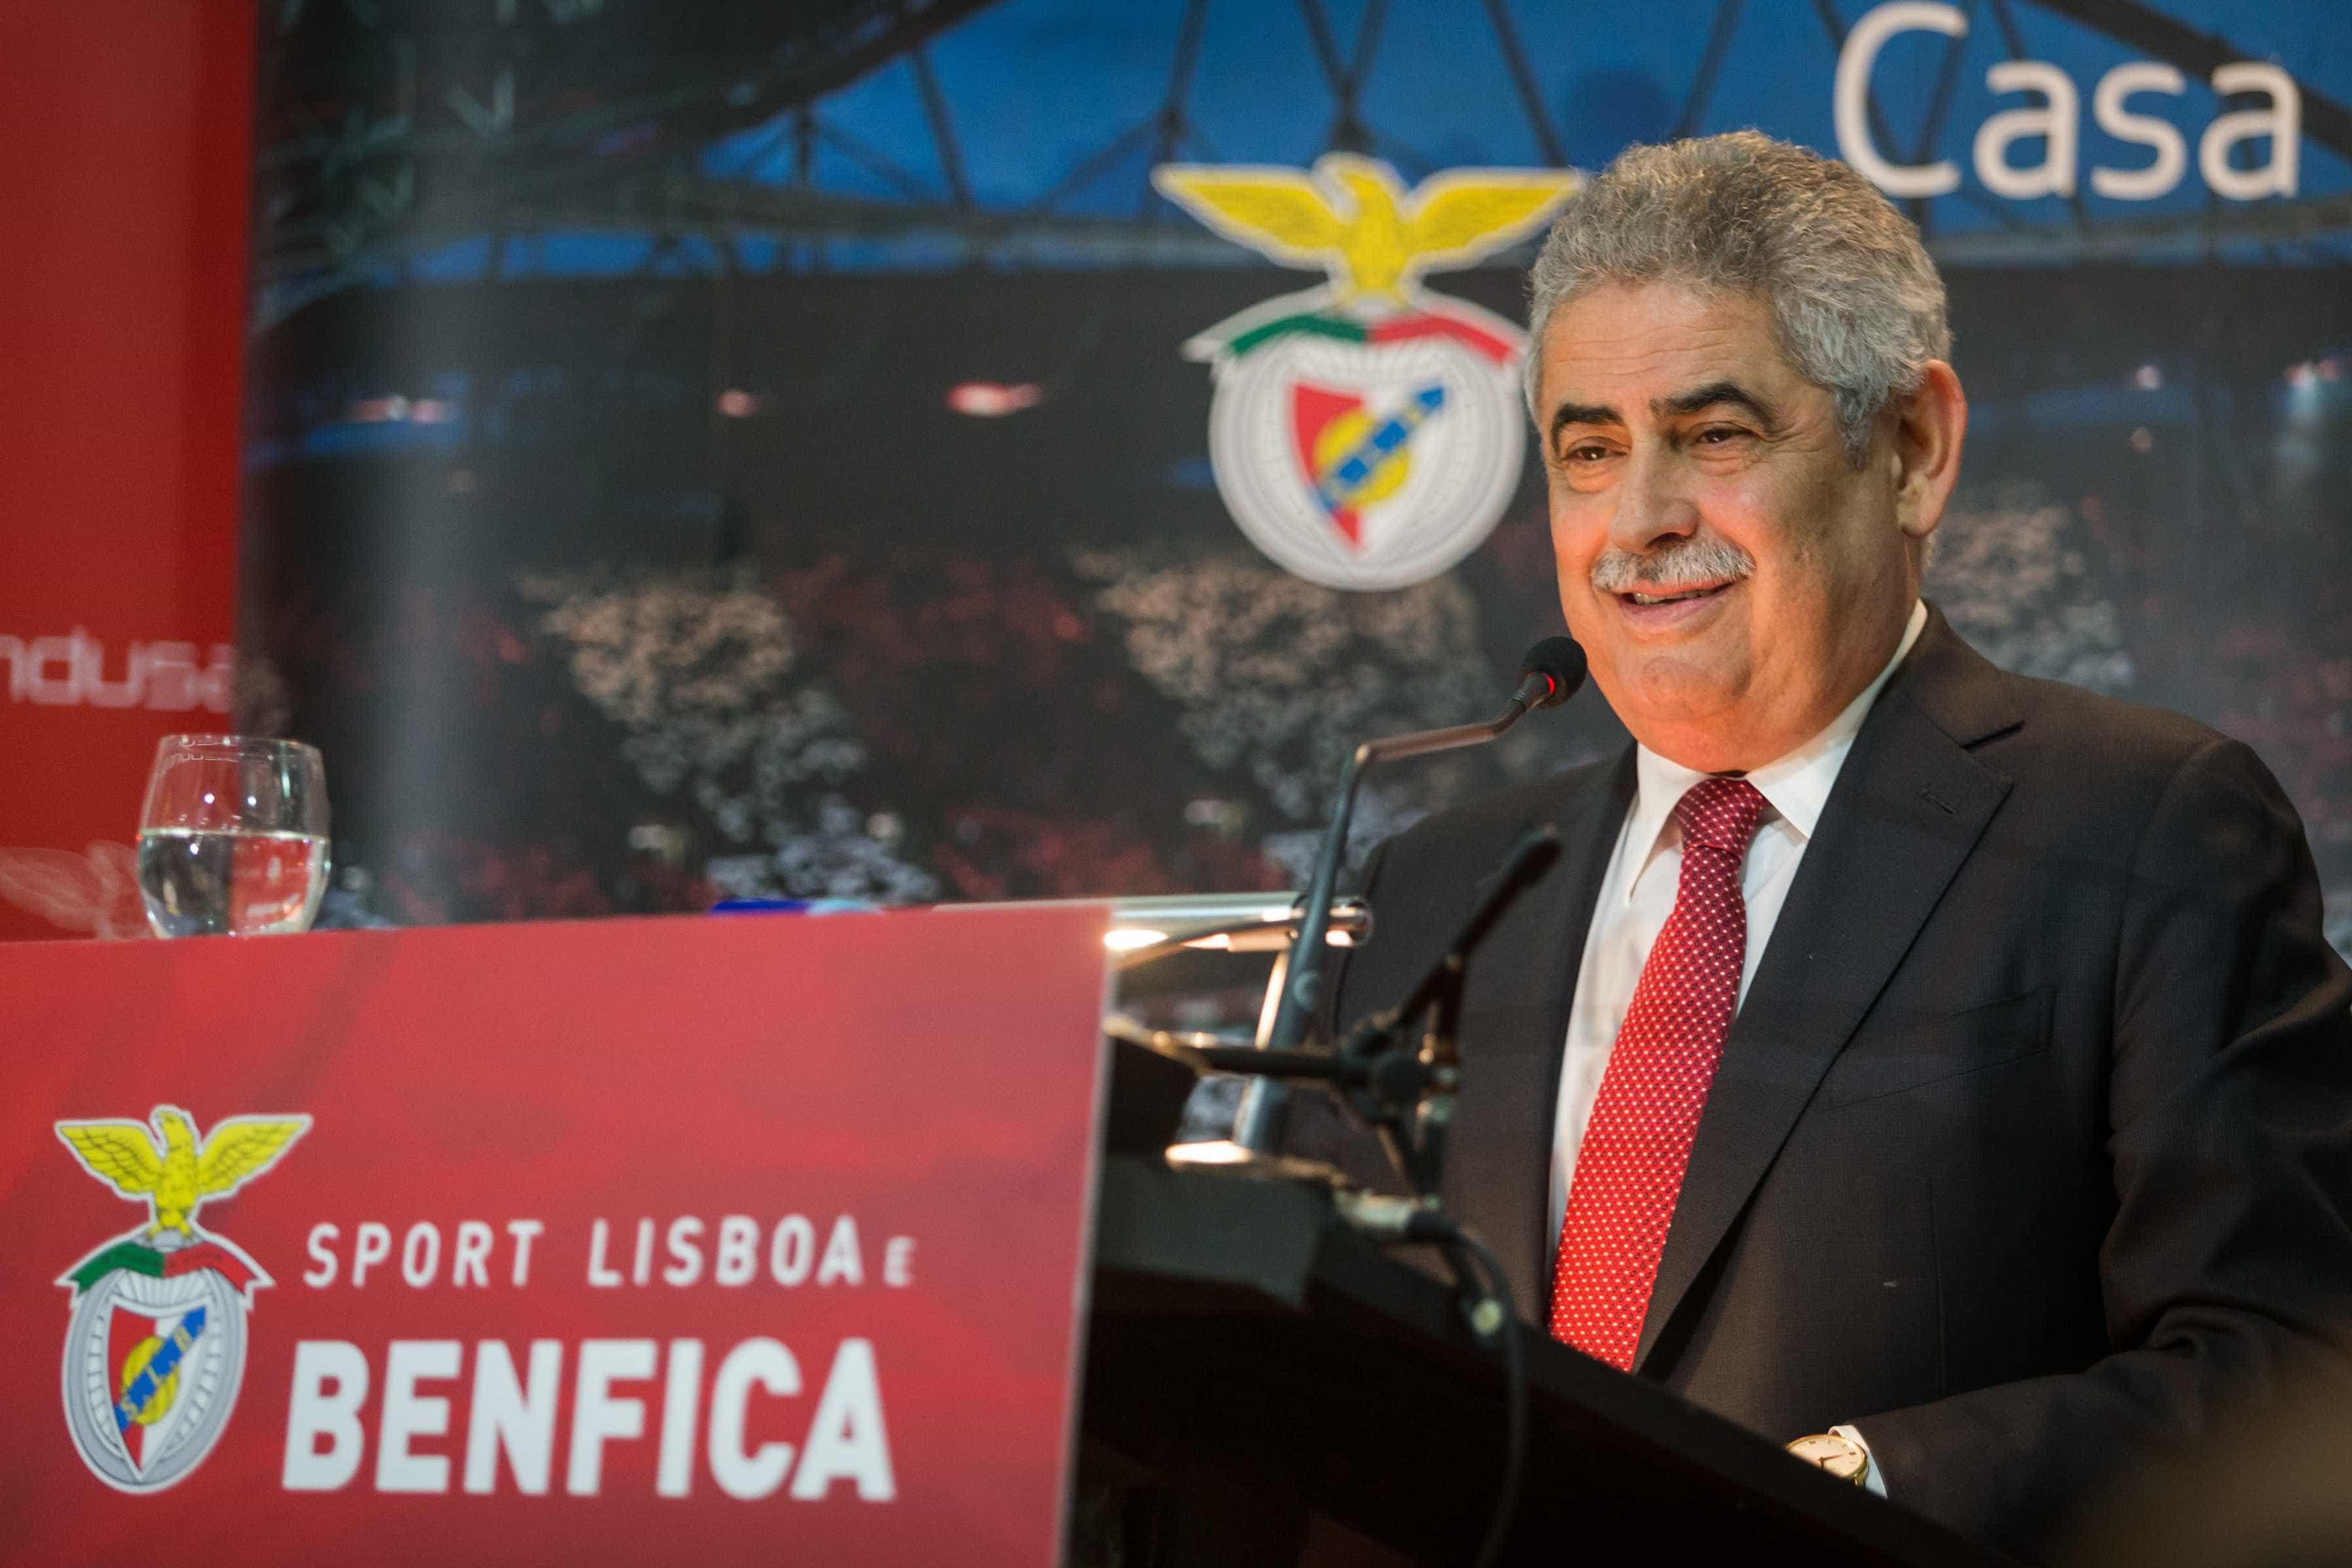 Luís Filipe Vieira explica plano que levou o Benfica à saúde financeira